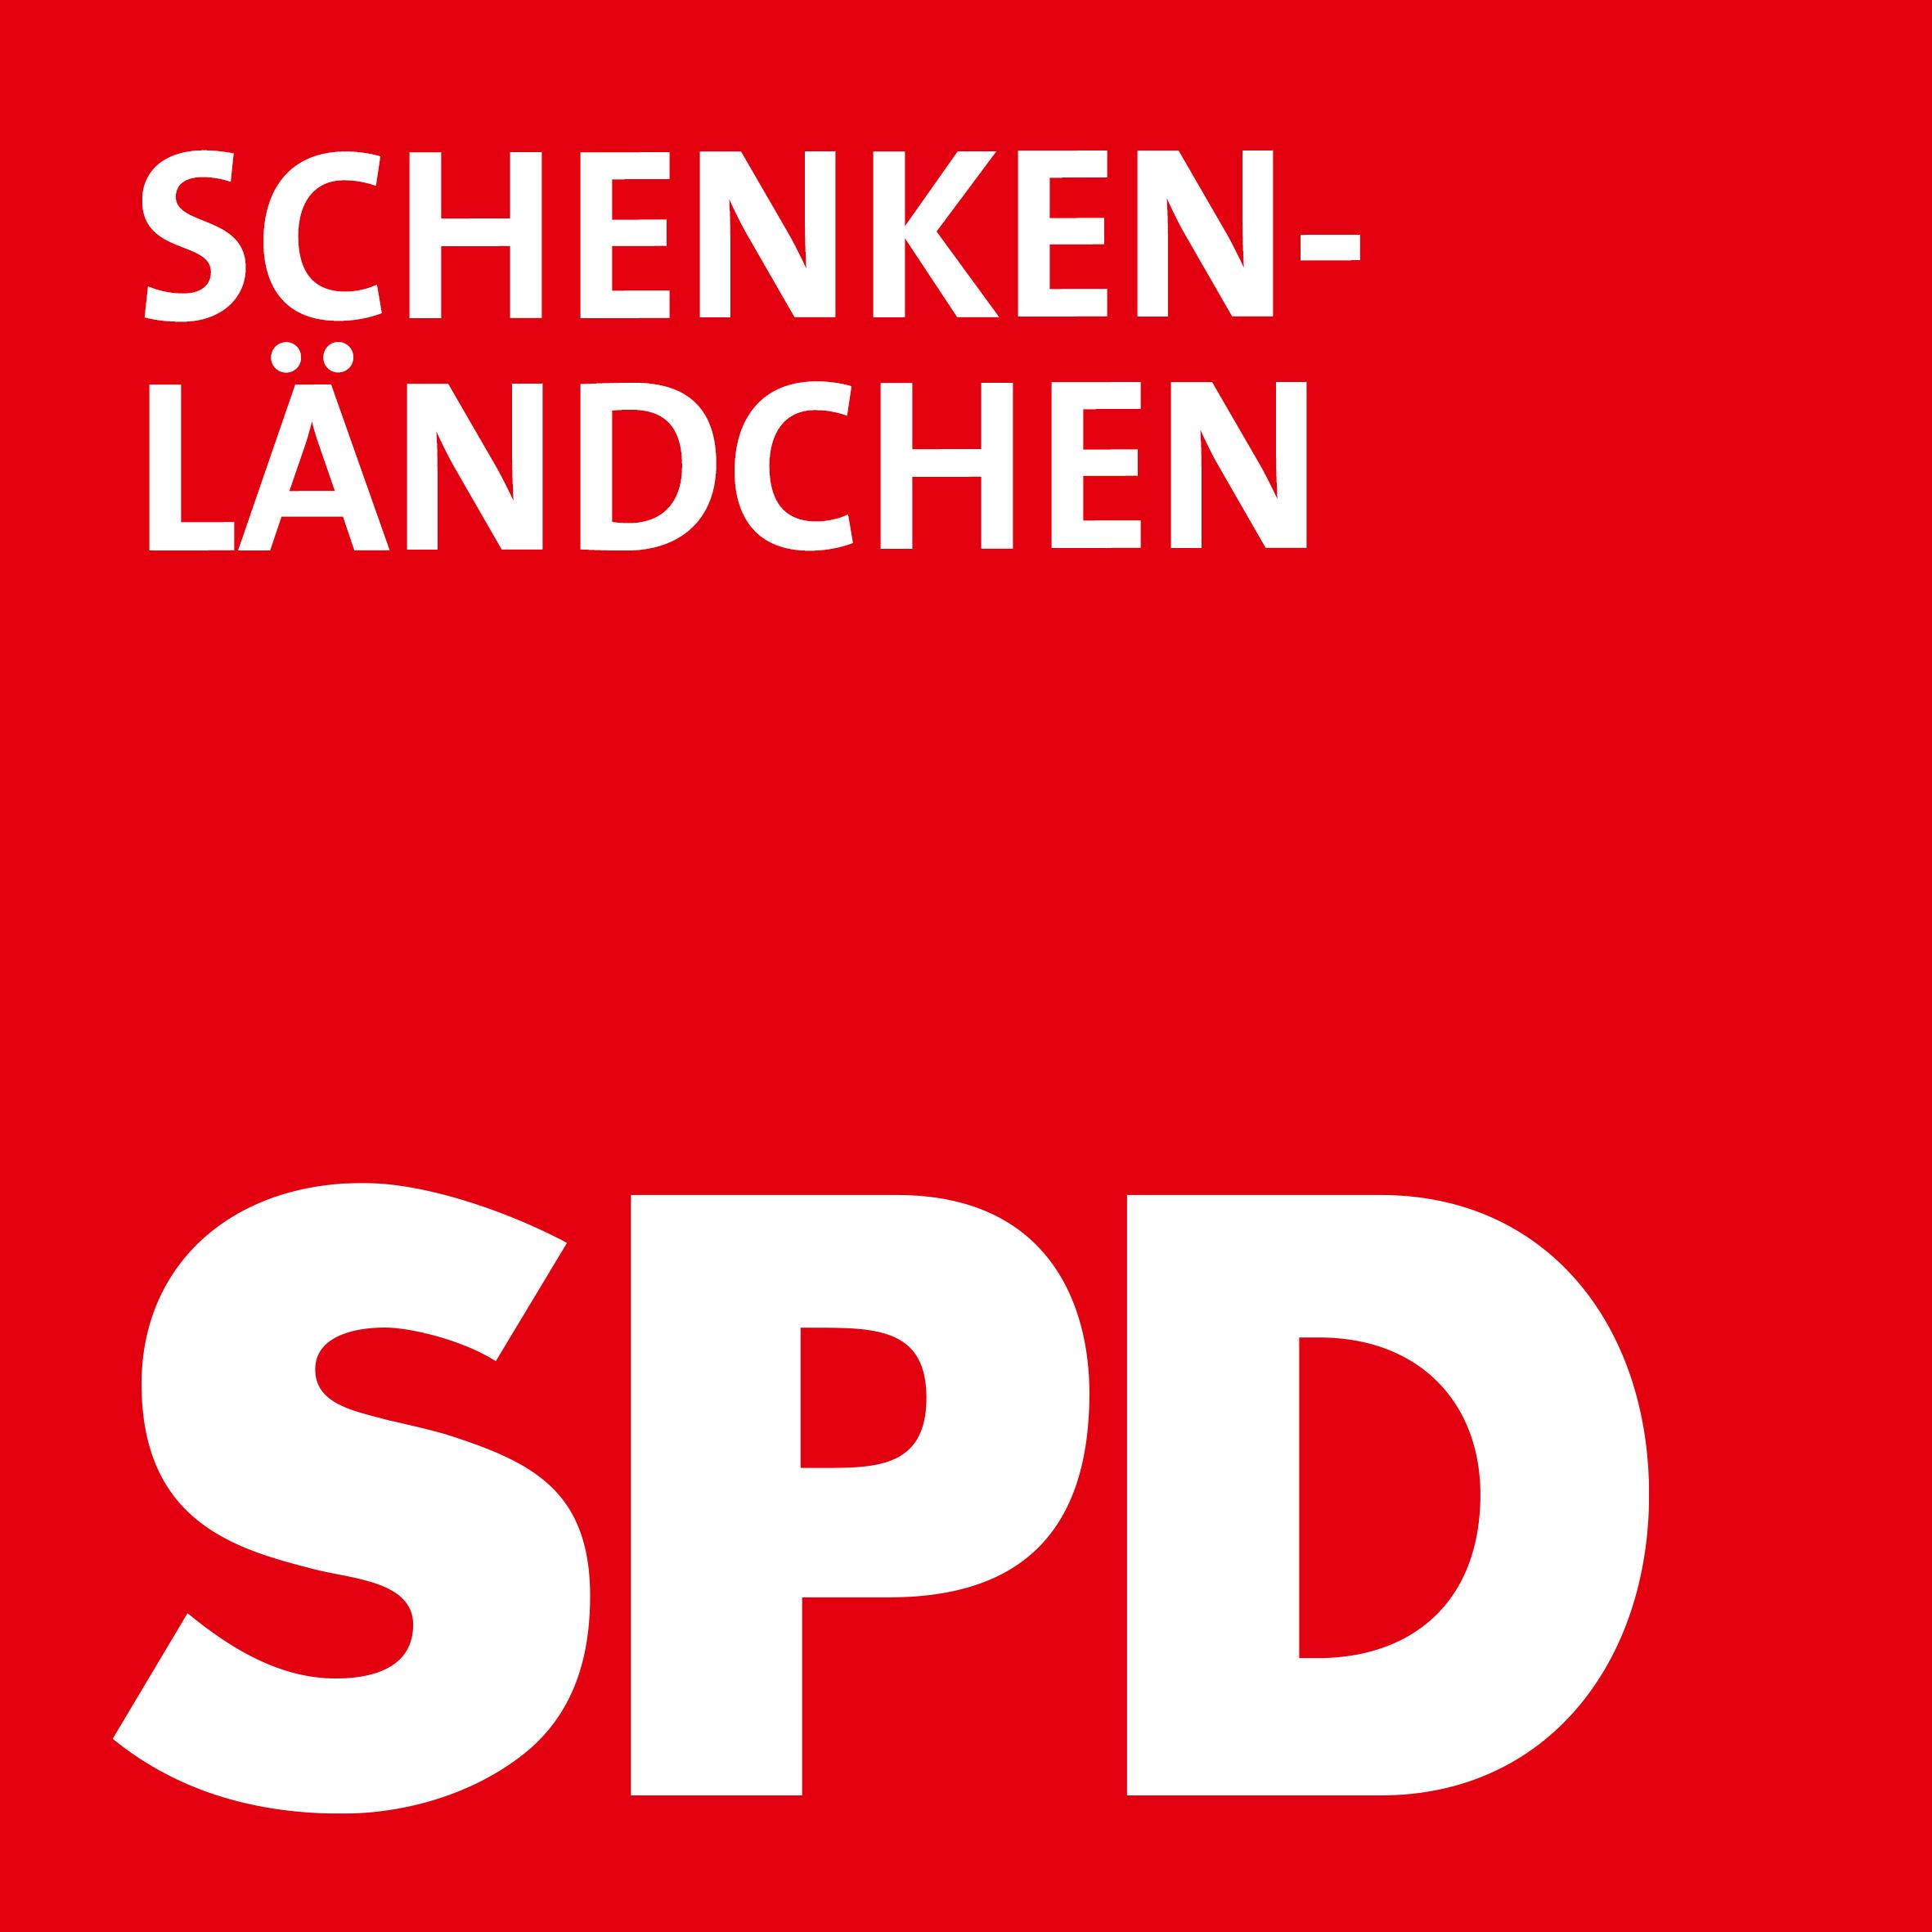 SPD Schenkenländchen